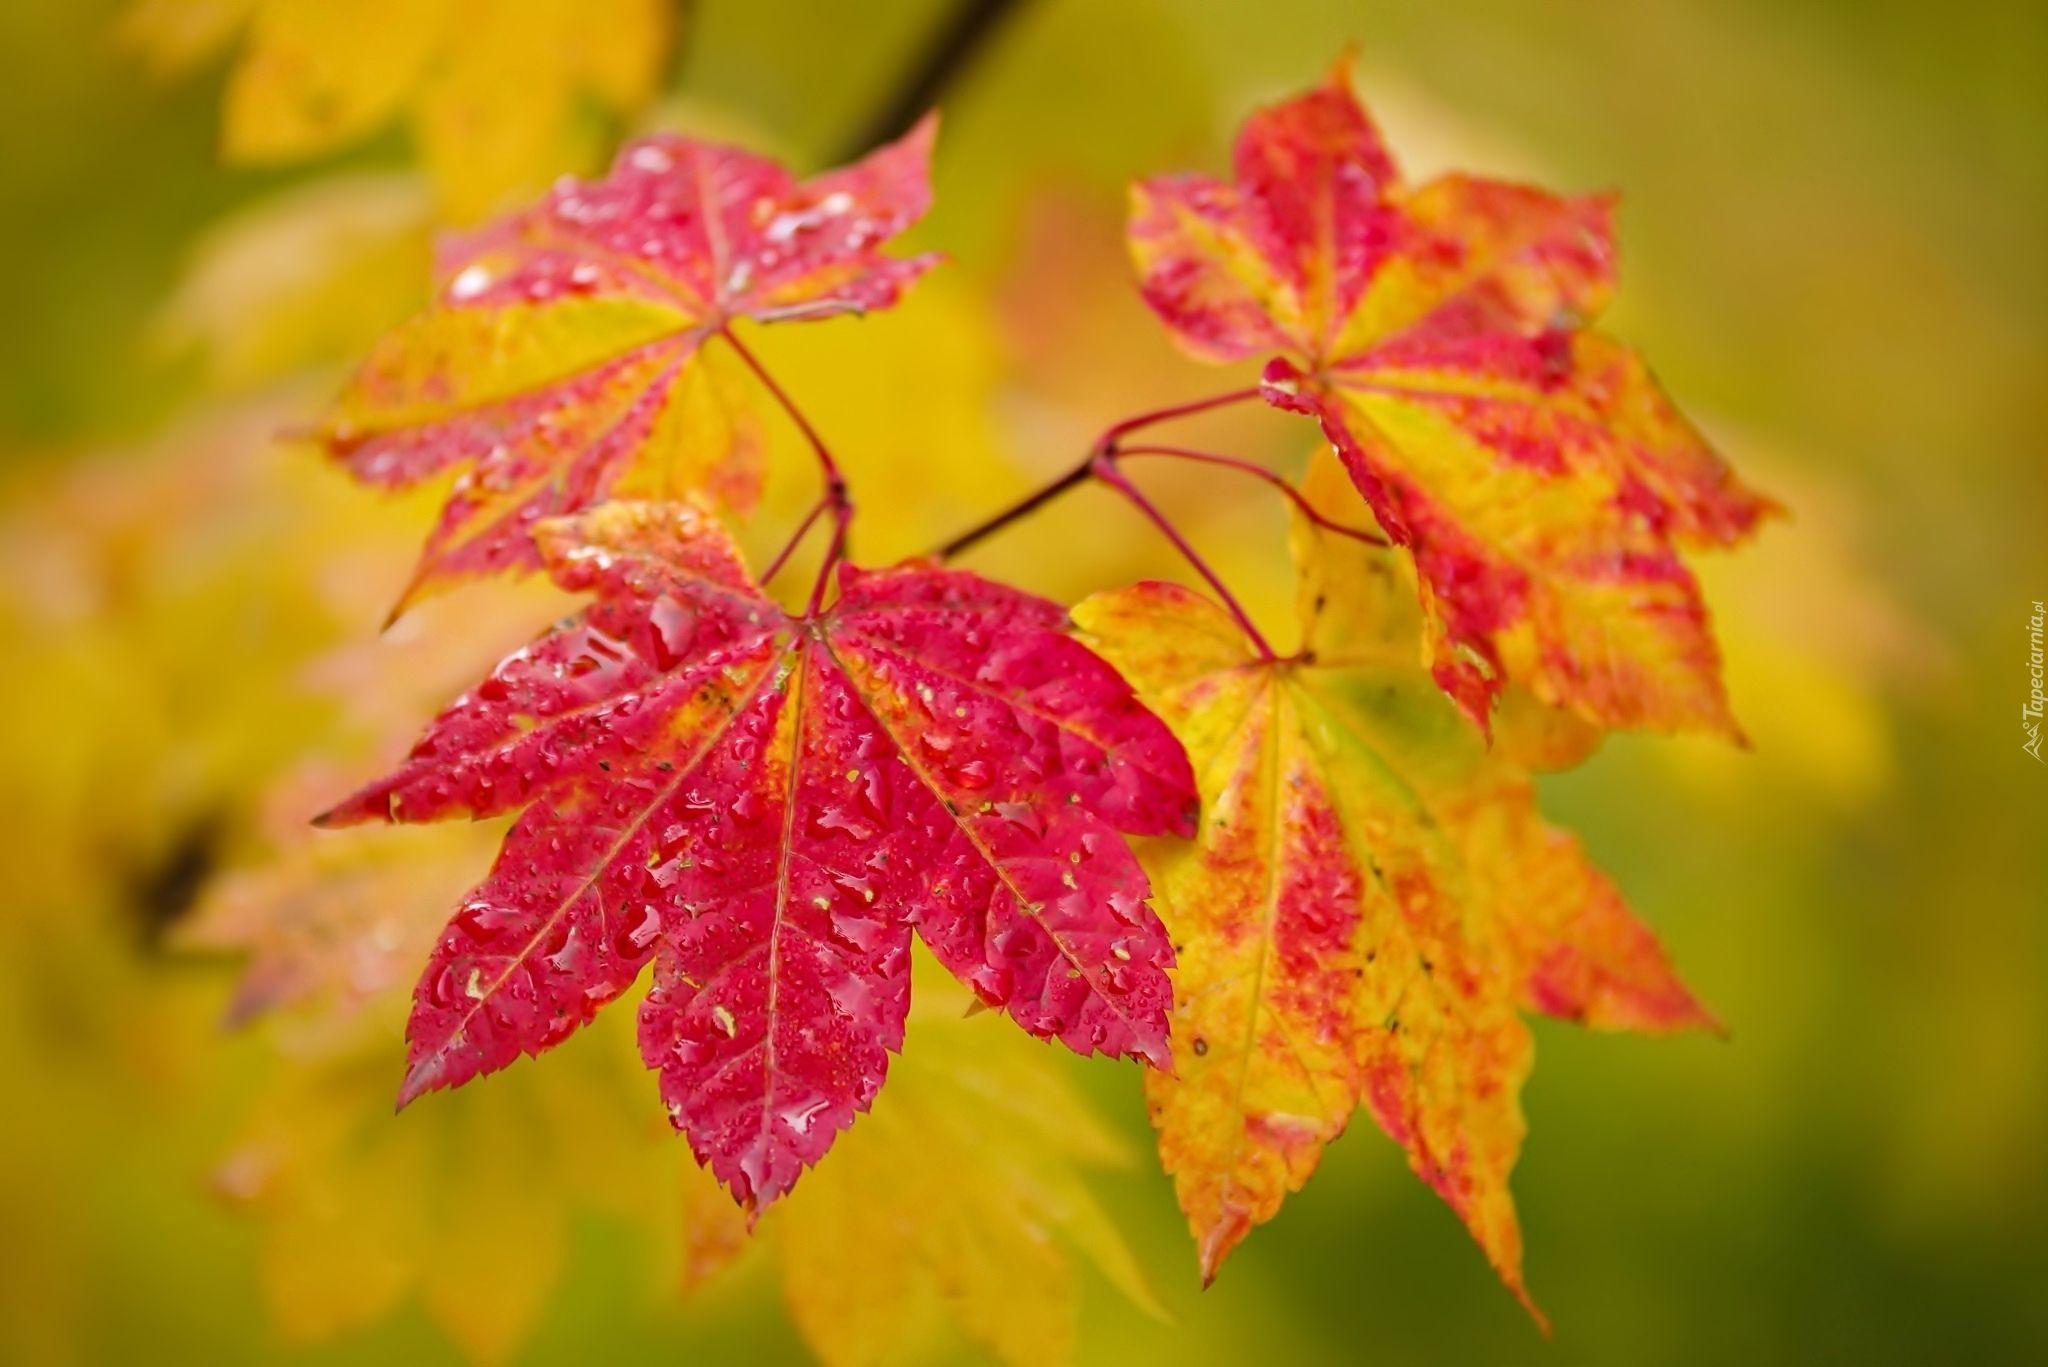 Jesien Kolorowe Liscie Klon Plants